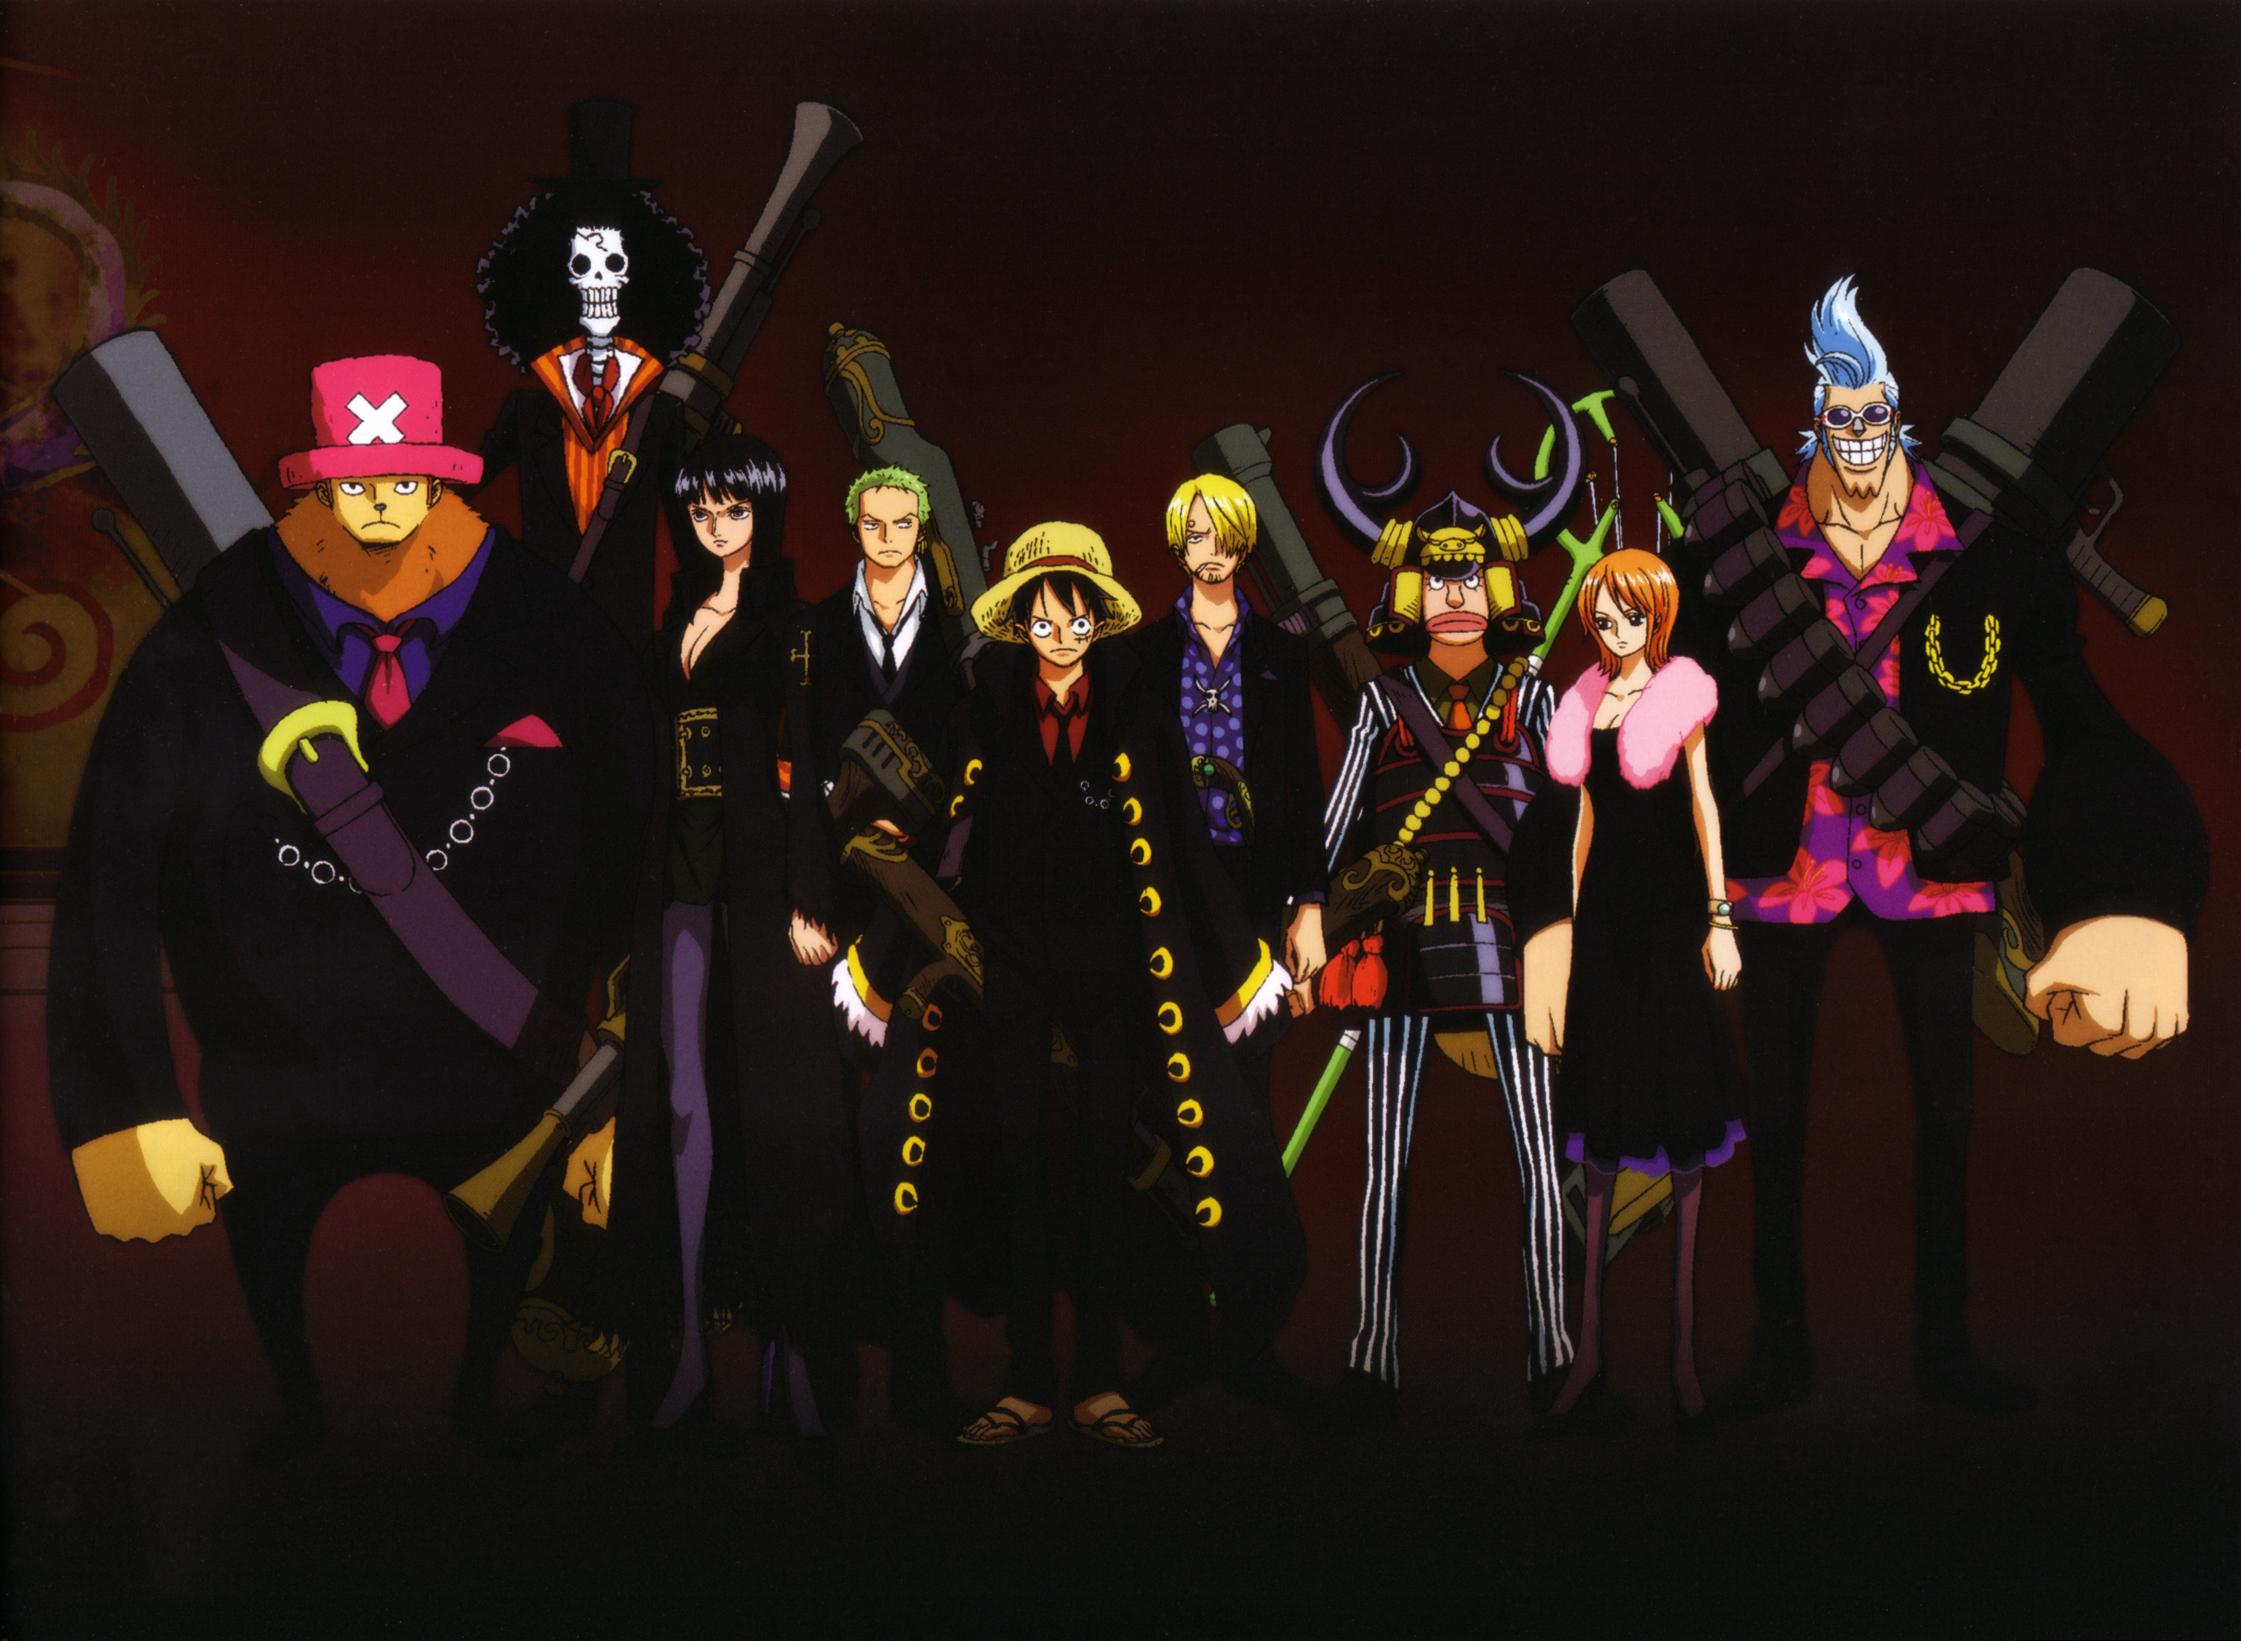 One-Piece-one-piece-18264285-2241-1641